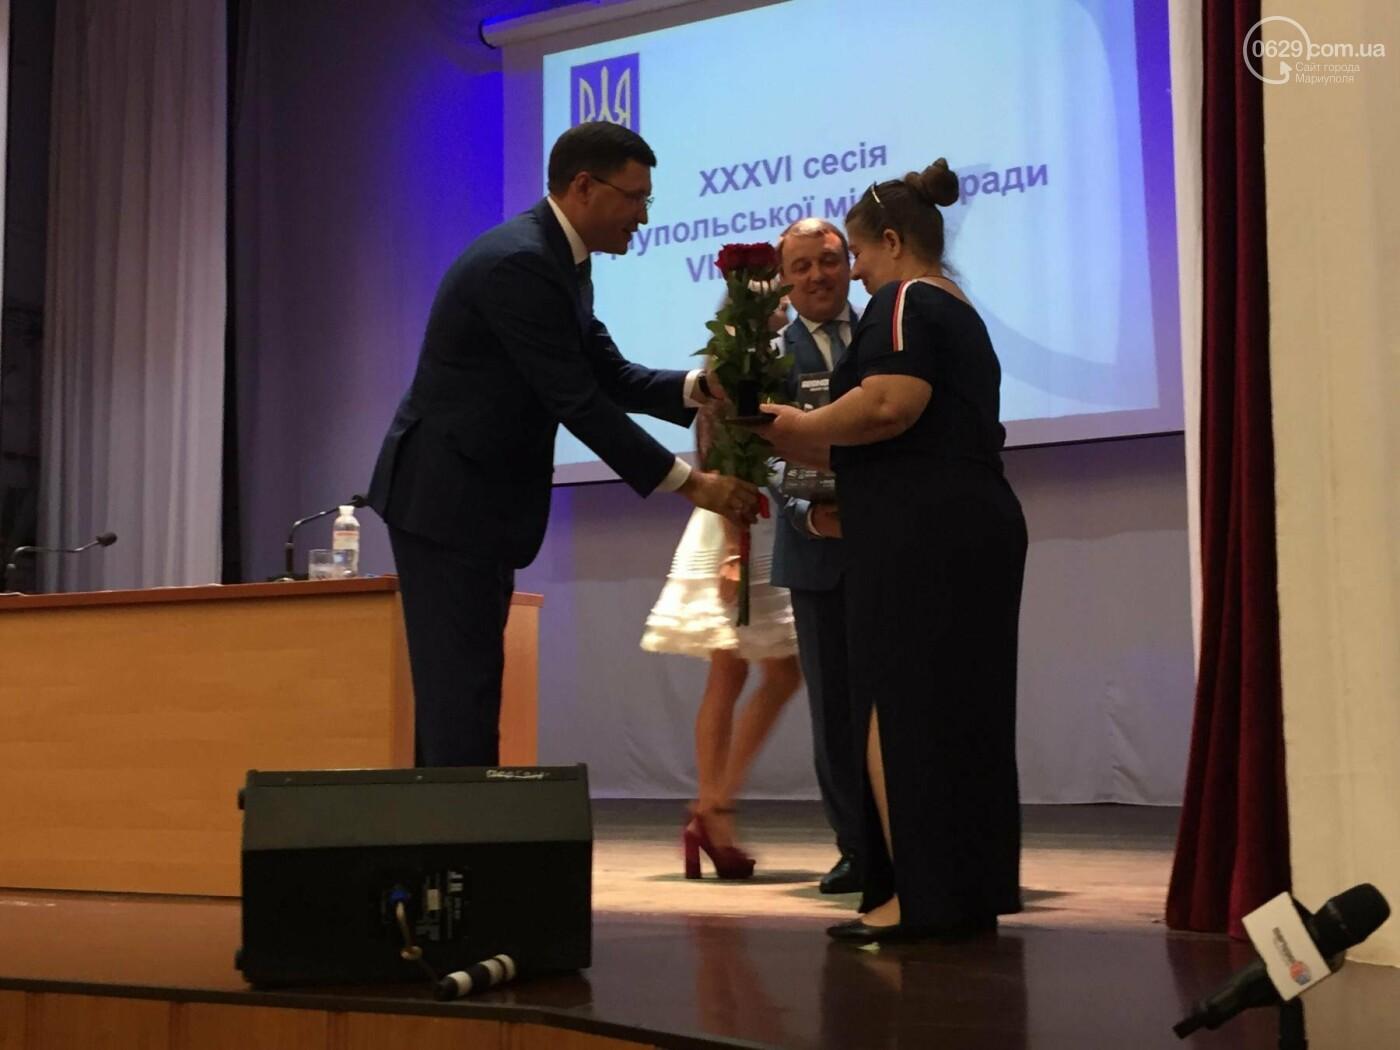 """В Мариуполе 8 женщин удостоились звания """"Мать-героиня"""", - ФОТО, ВИДЕО, фото-3"""